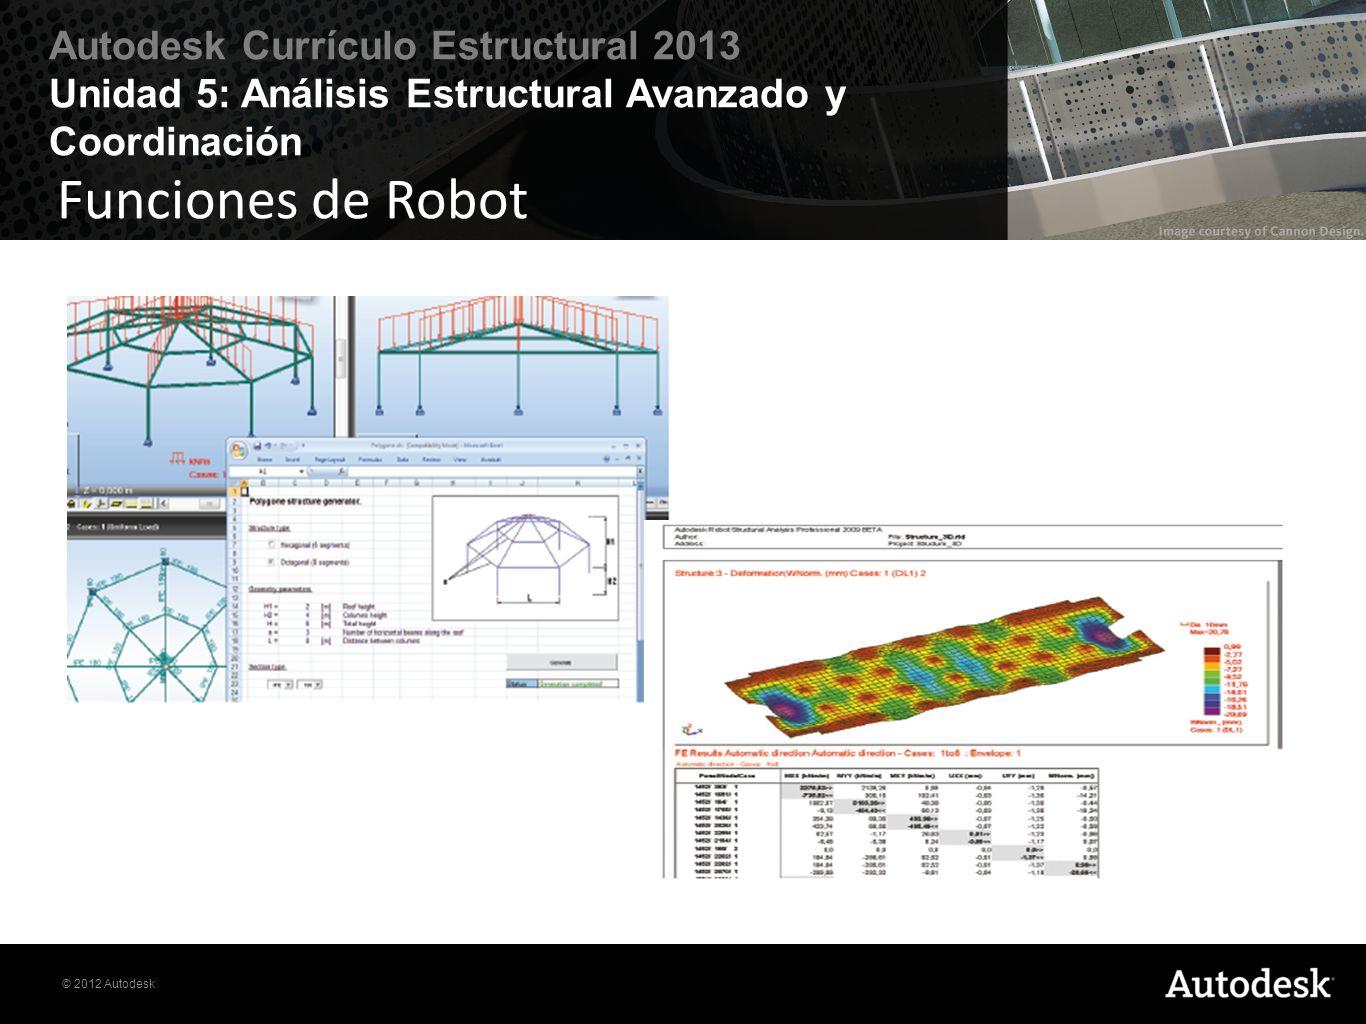 © 2012 Autodesk Autodesk Currículo Estructural 2013 Unidad 5: Análisis Estructural Avanzado y Coordinación Funciones de Robot